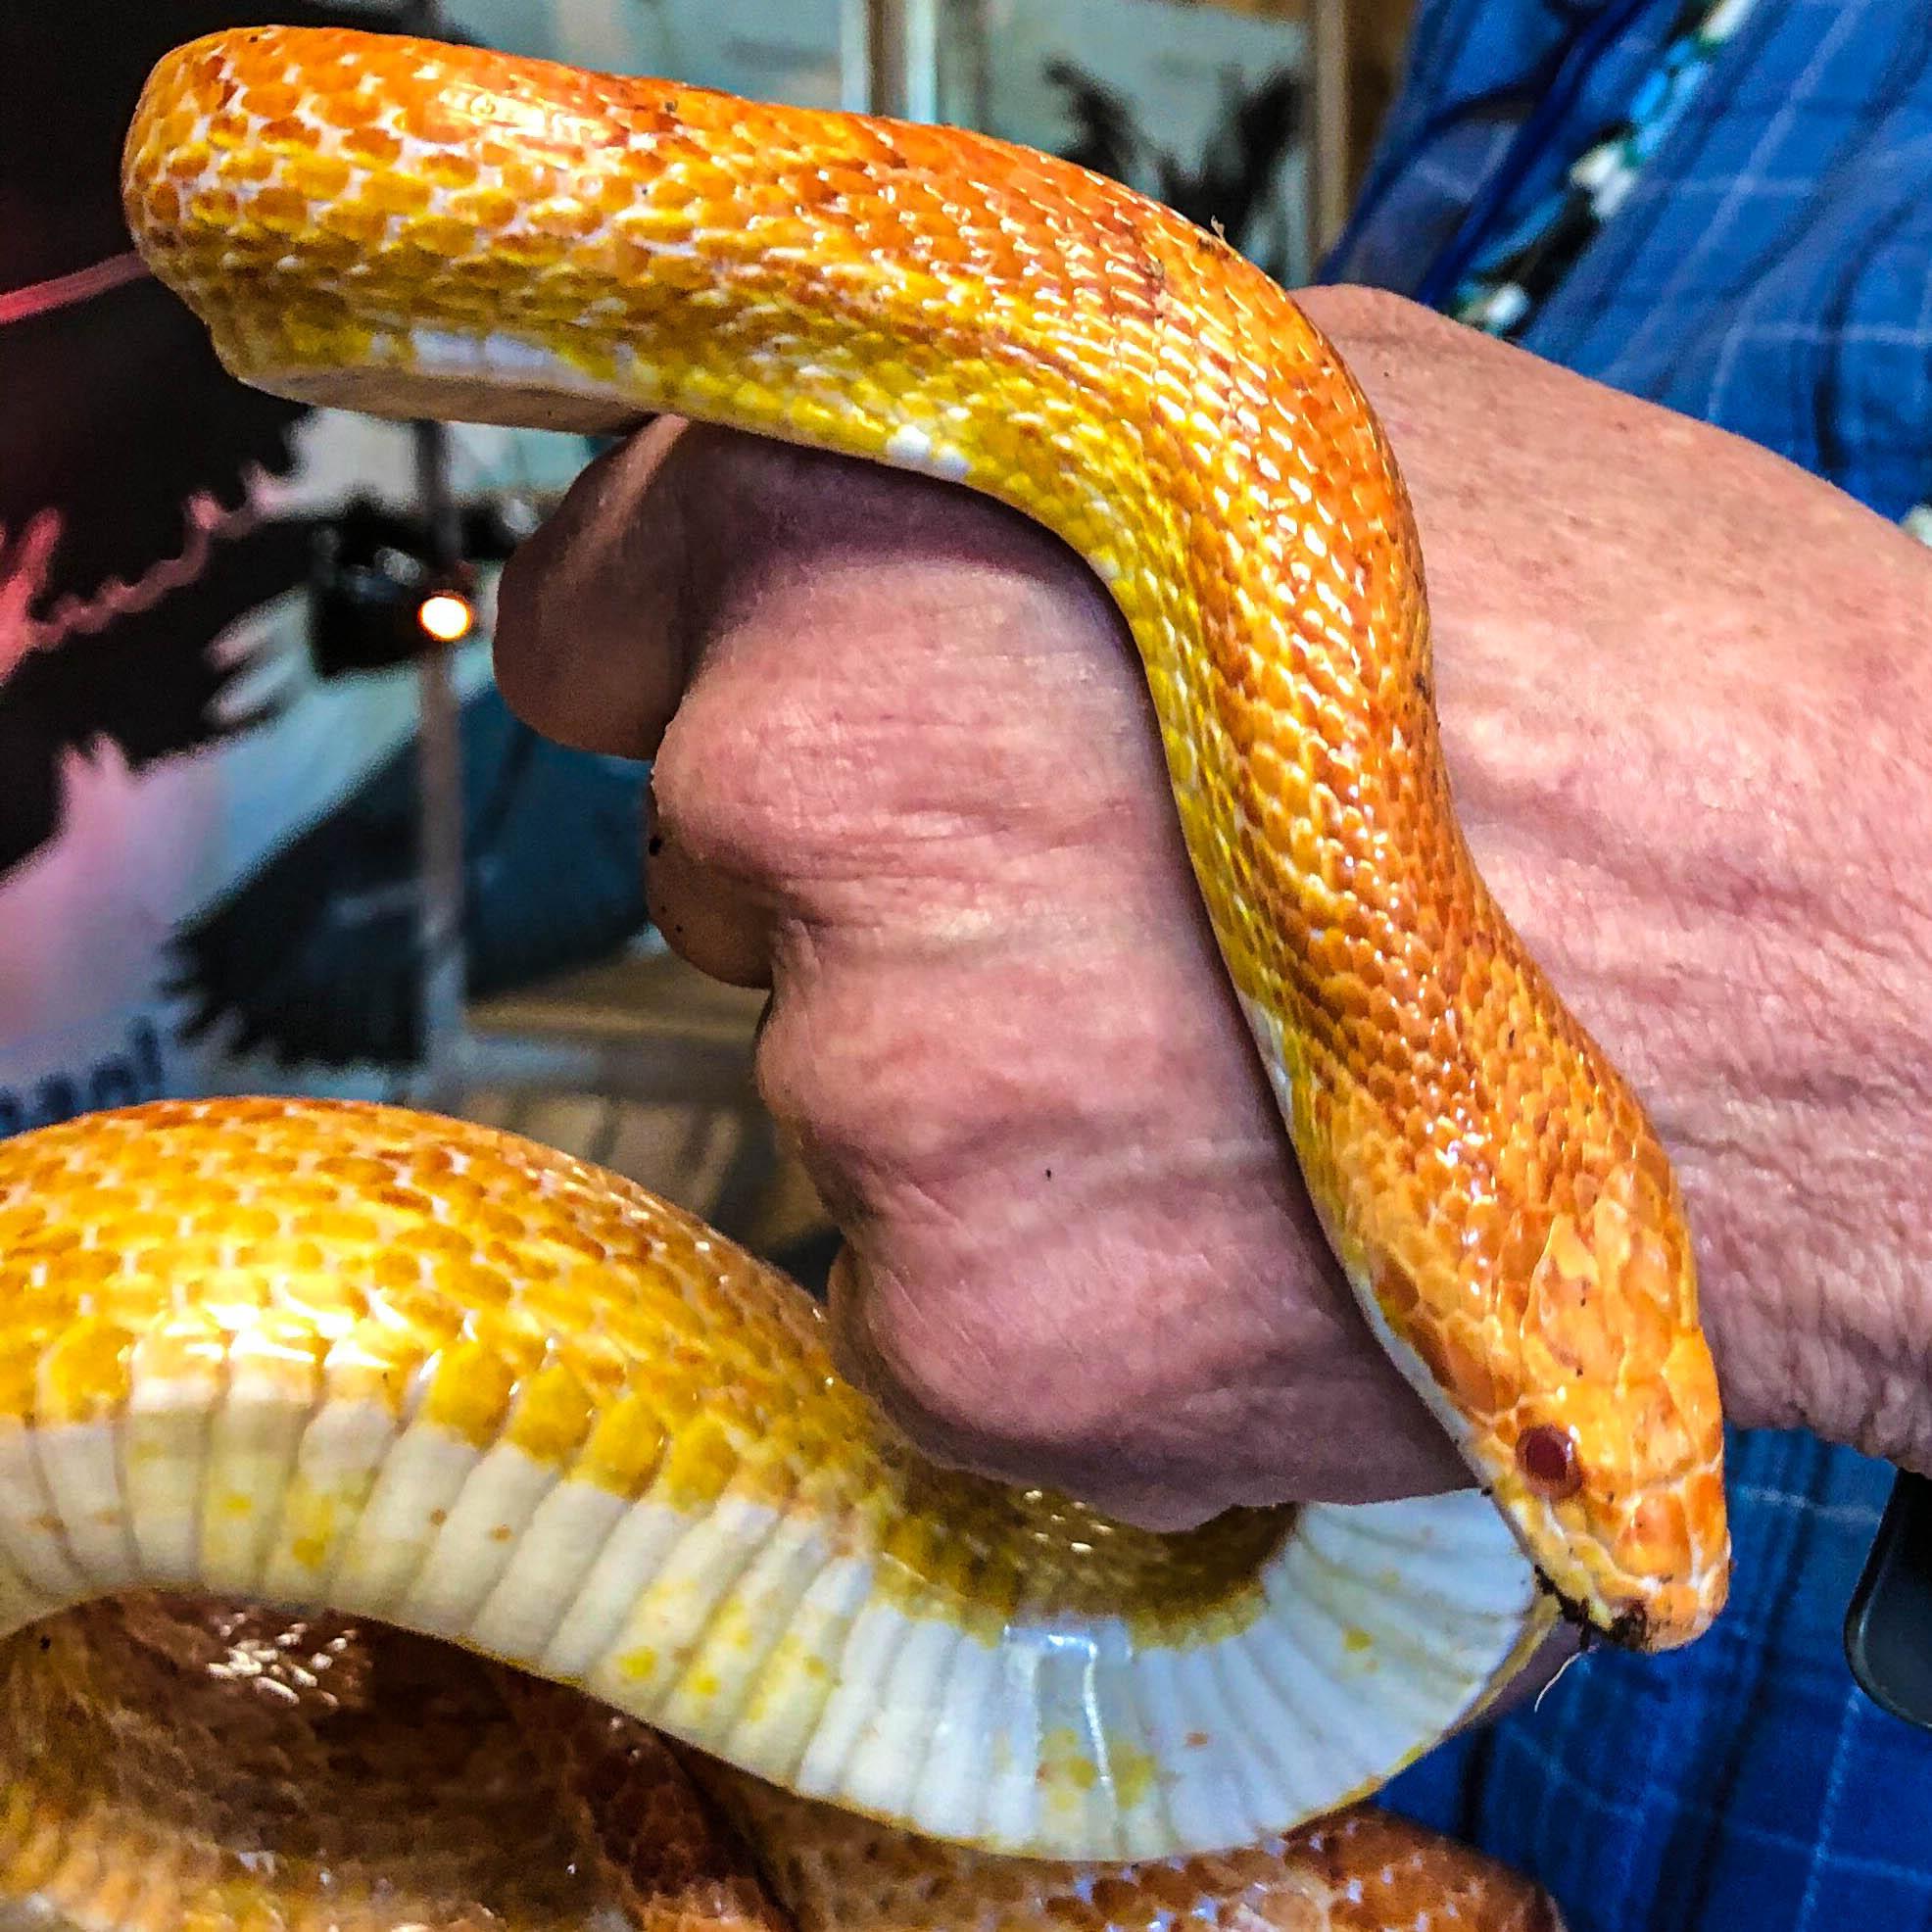 Papaya - Amelanistic Corn Snake (Pantherophis guttatus)